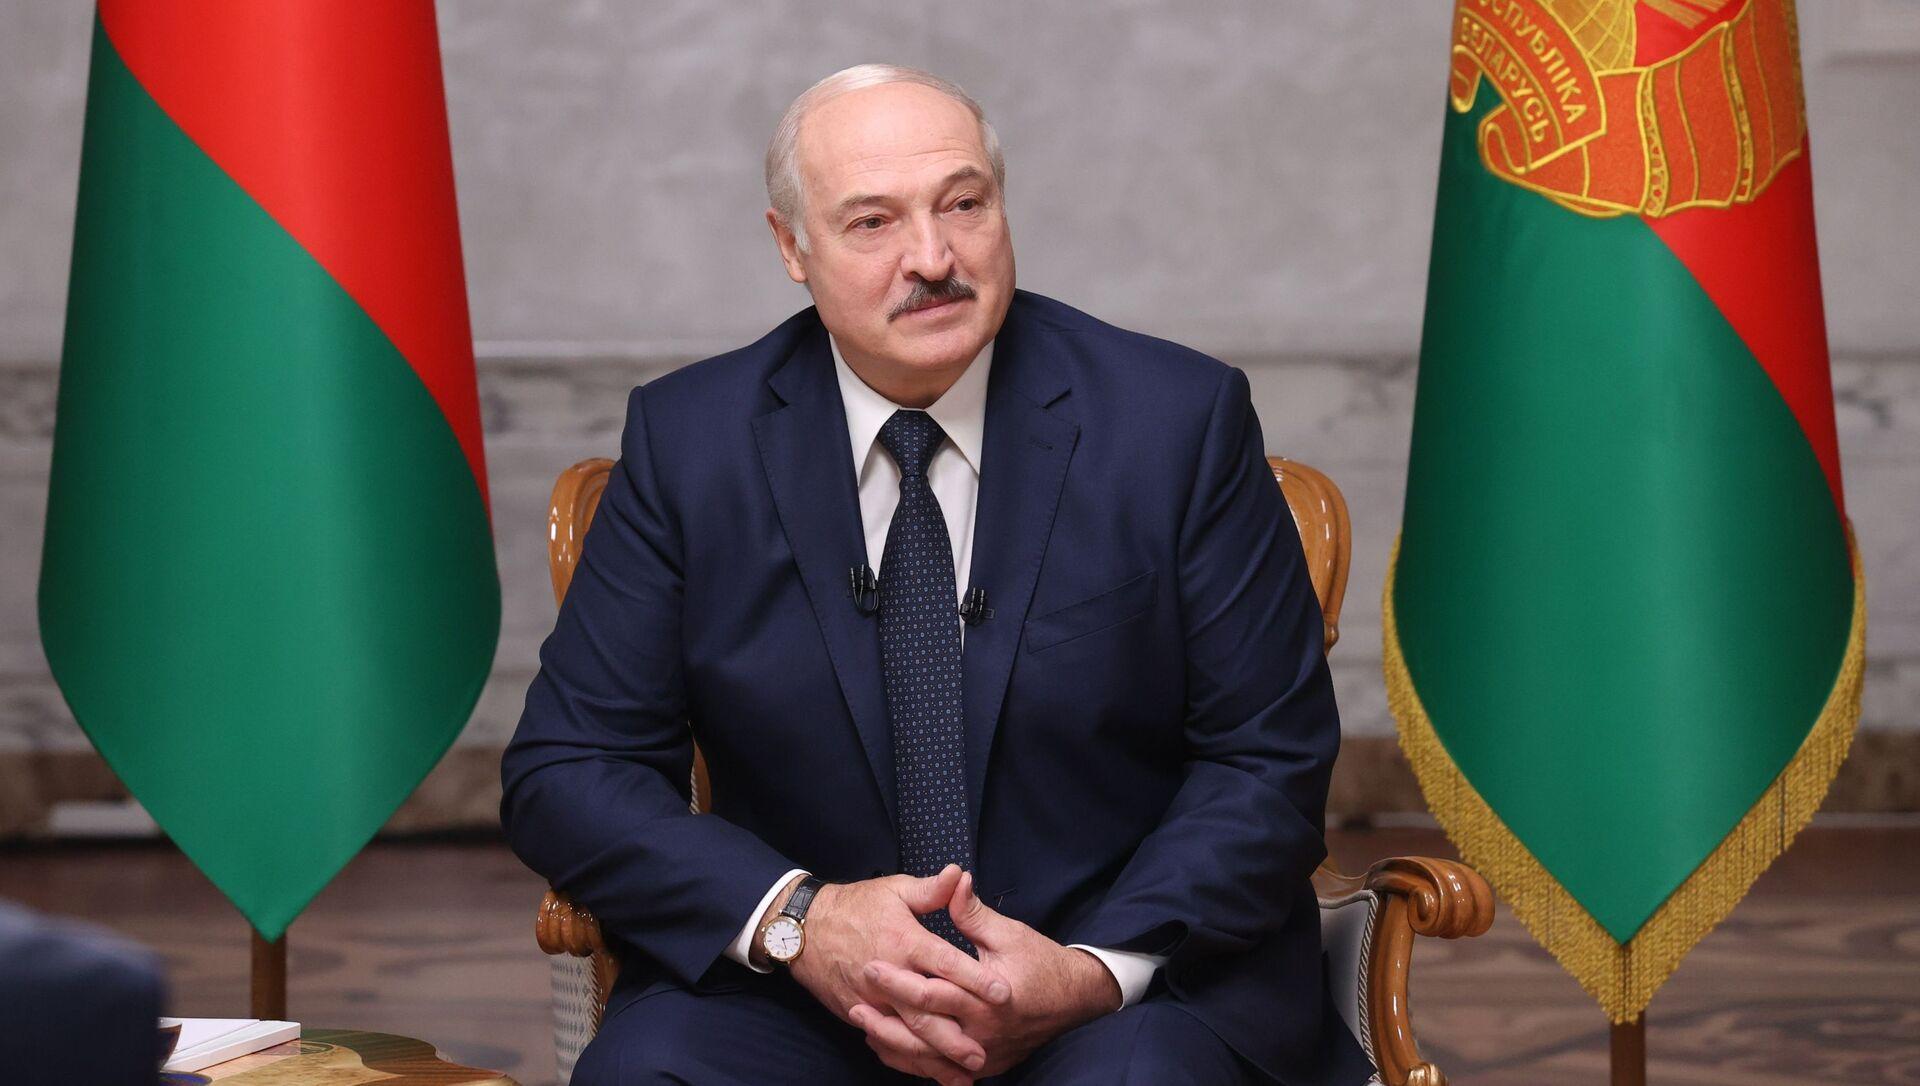 Nhà lãnh đạoBelarusAlexander Lukashenko. - Sputnik Việt Nam, 1920, 28.05.2021